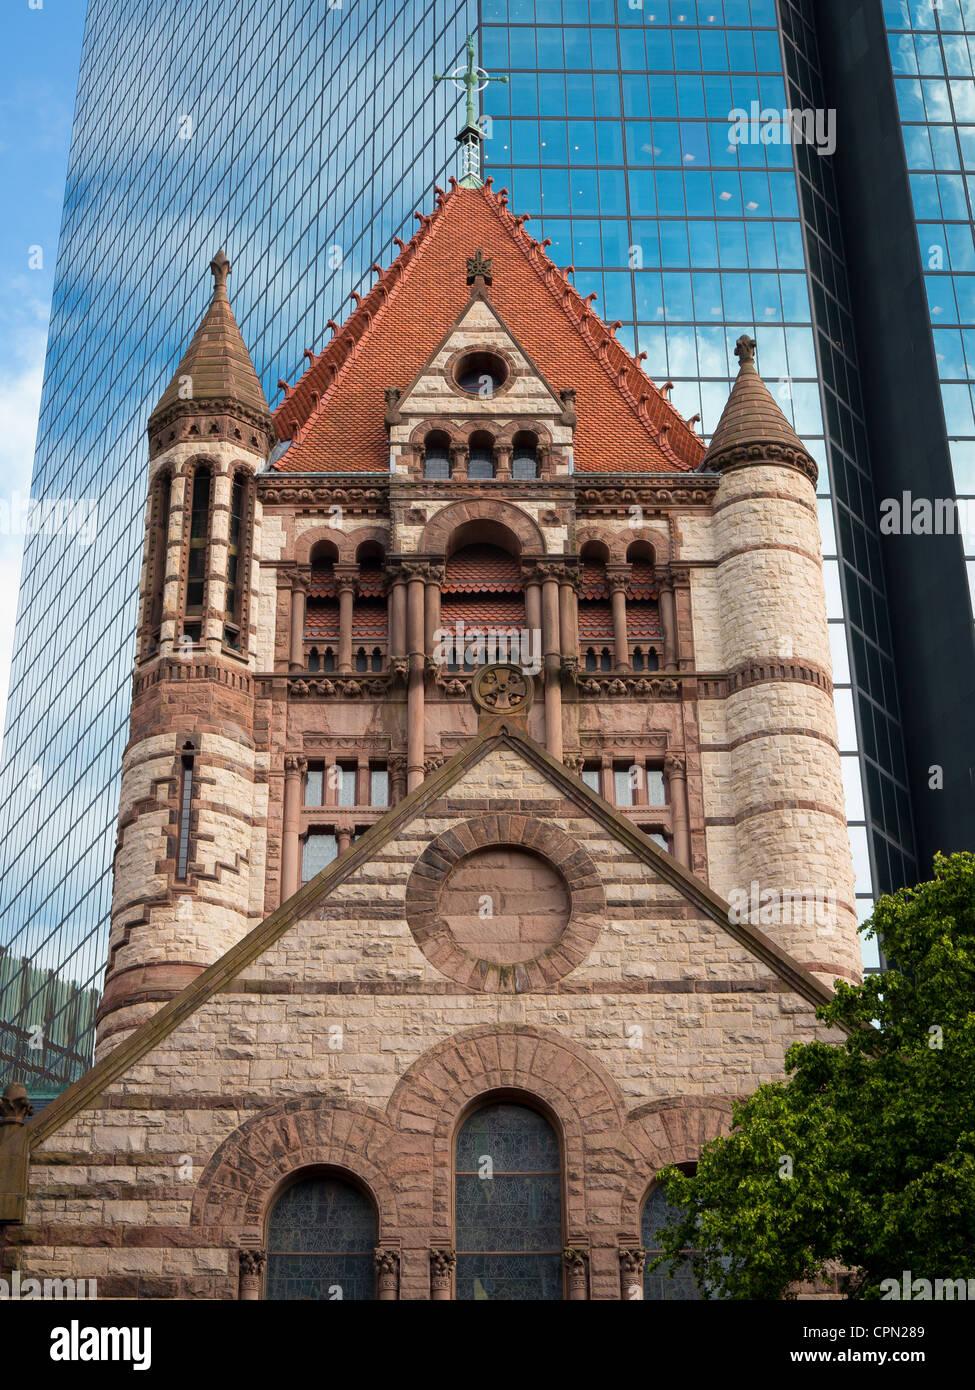 Chiesa della Trinità nella città di Boston Immagini Stock